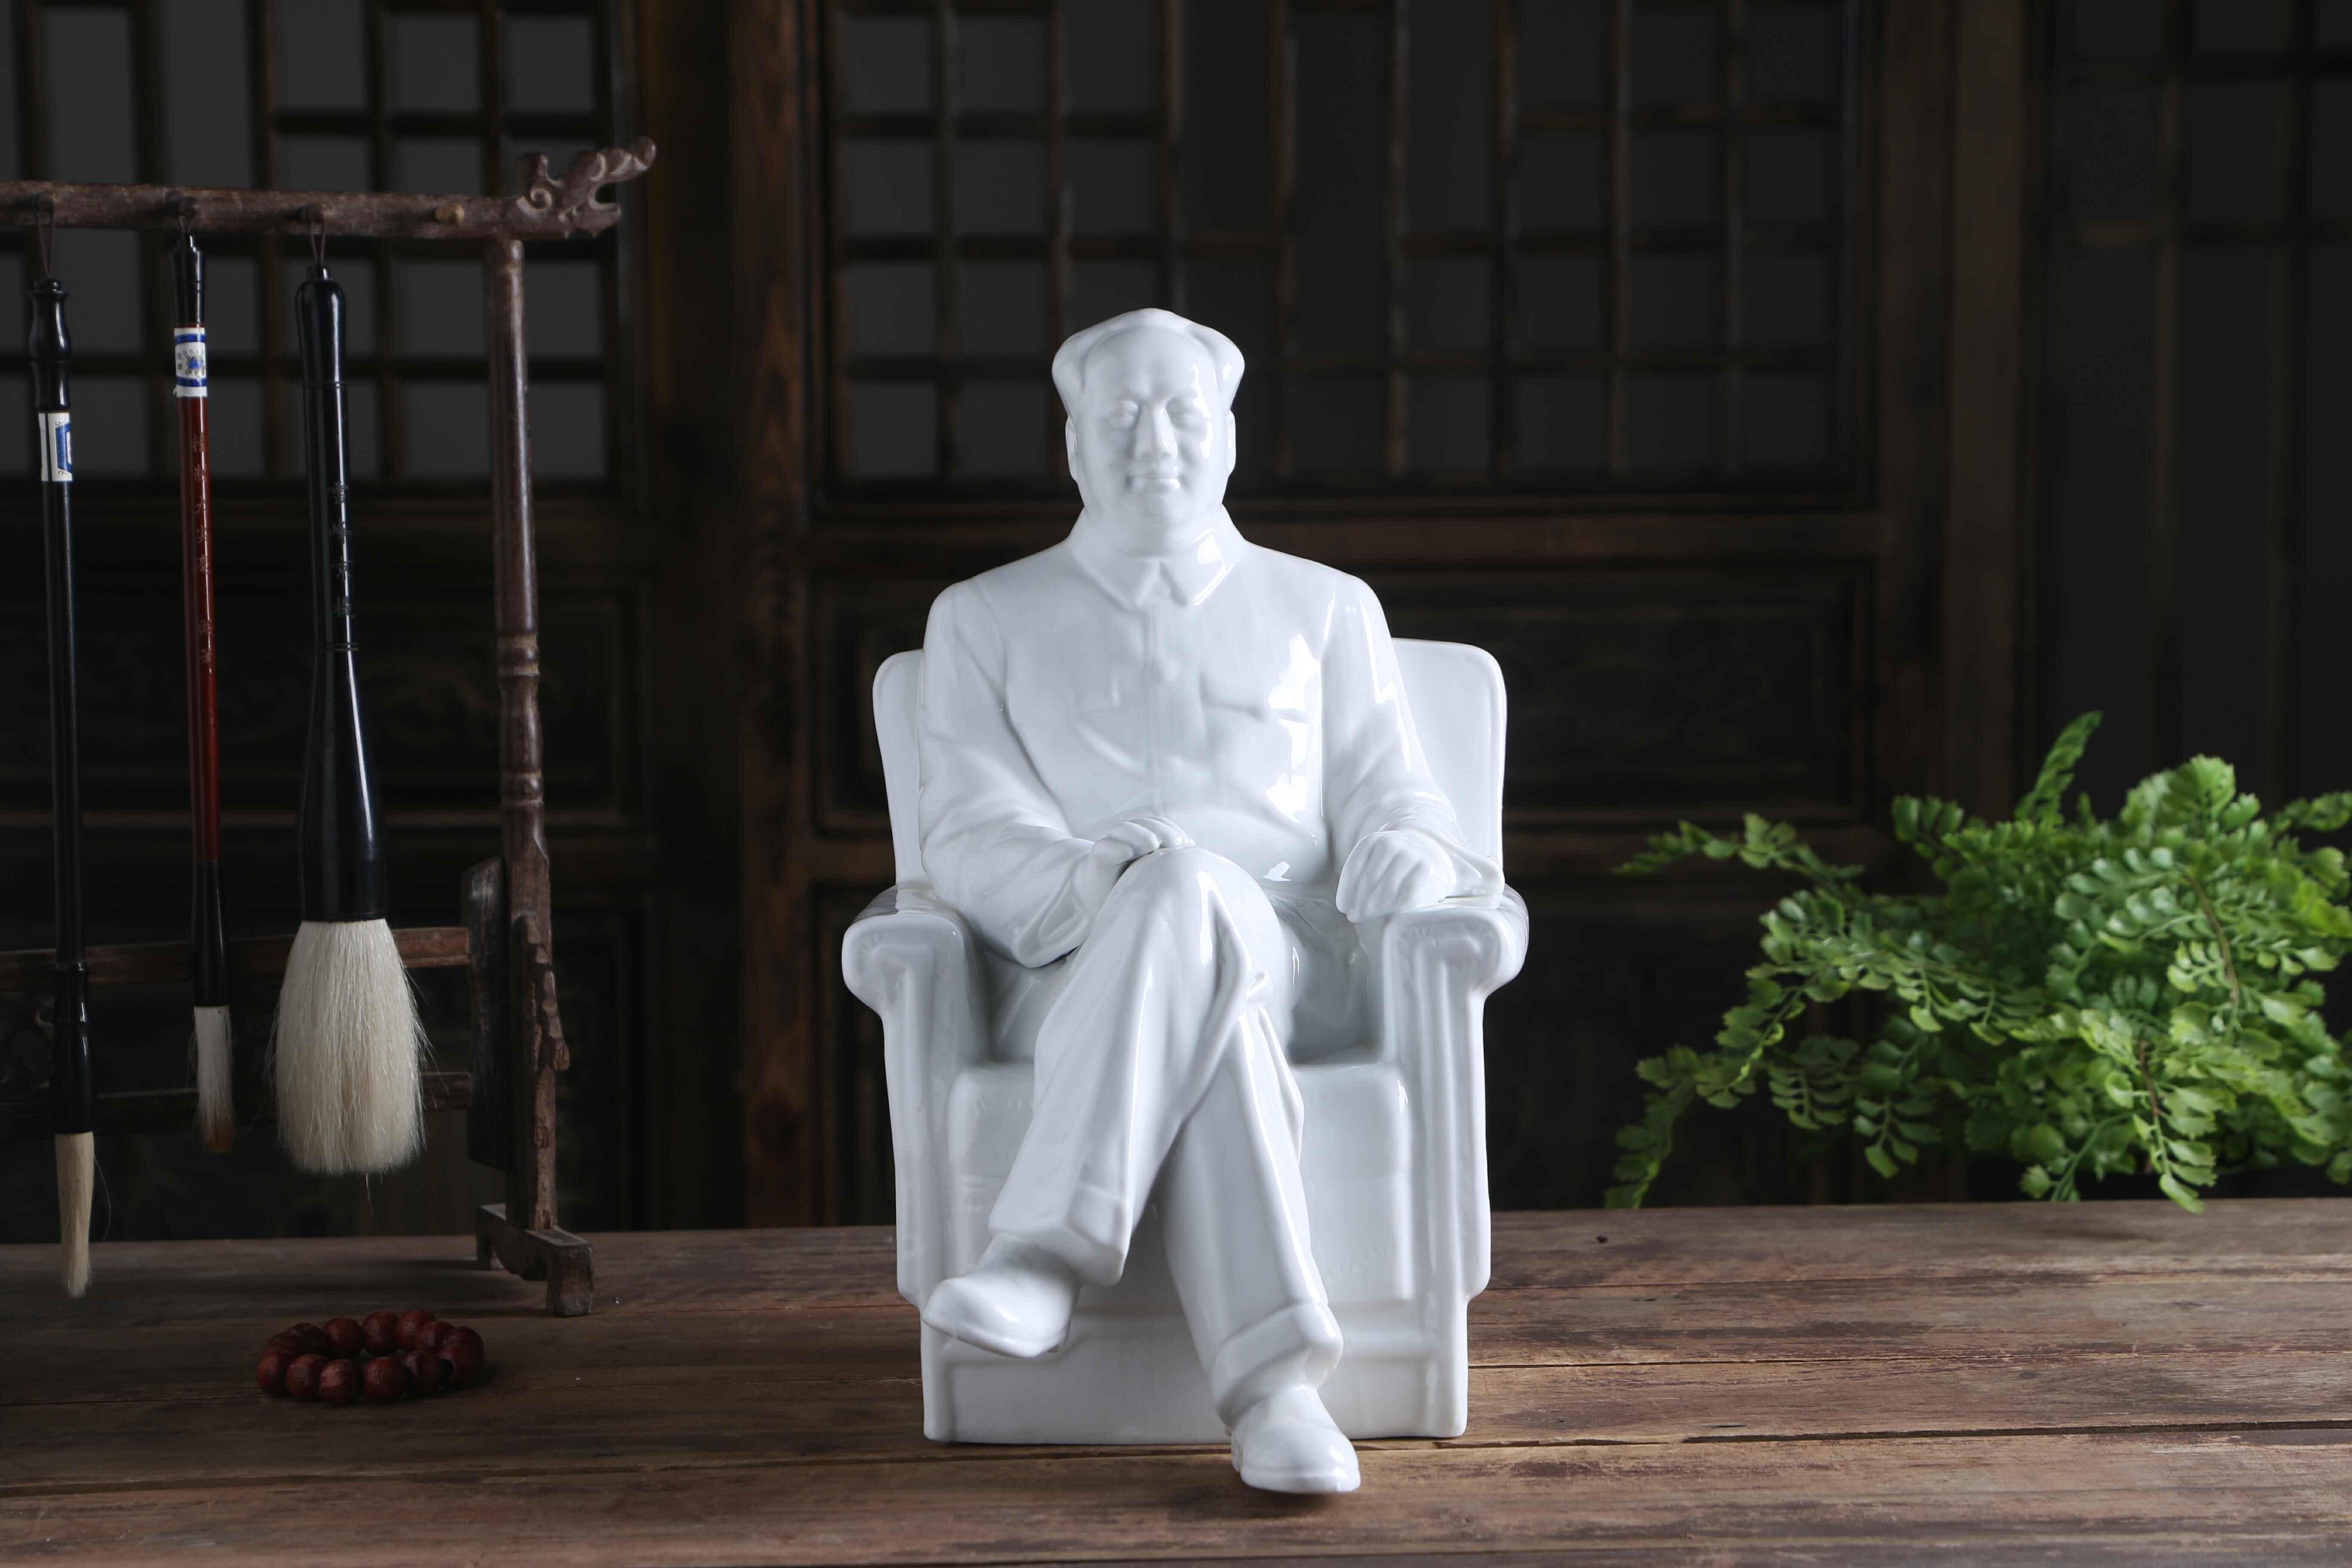 景德鎮毛主席陶瓷像 全身像毛主席像擺件頭像 陶瓷雕塑像辦公室桌